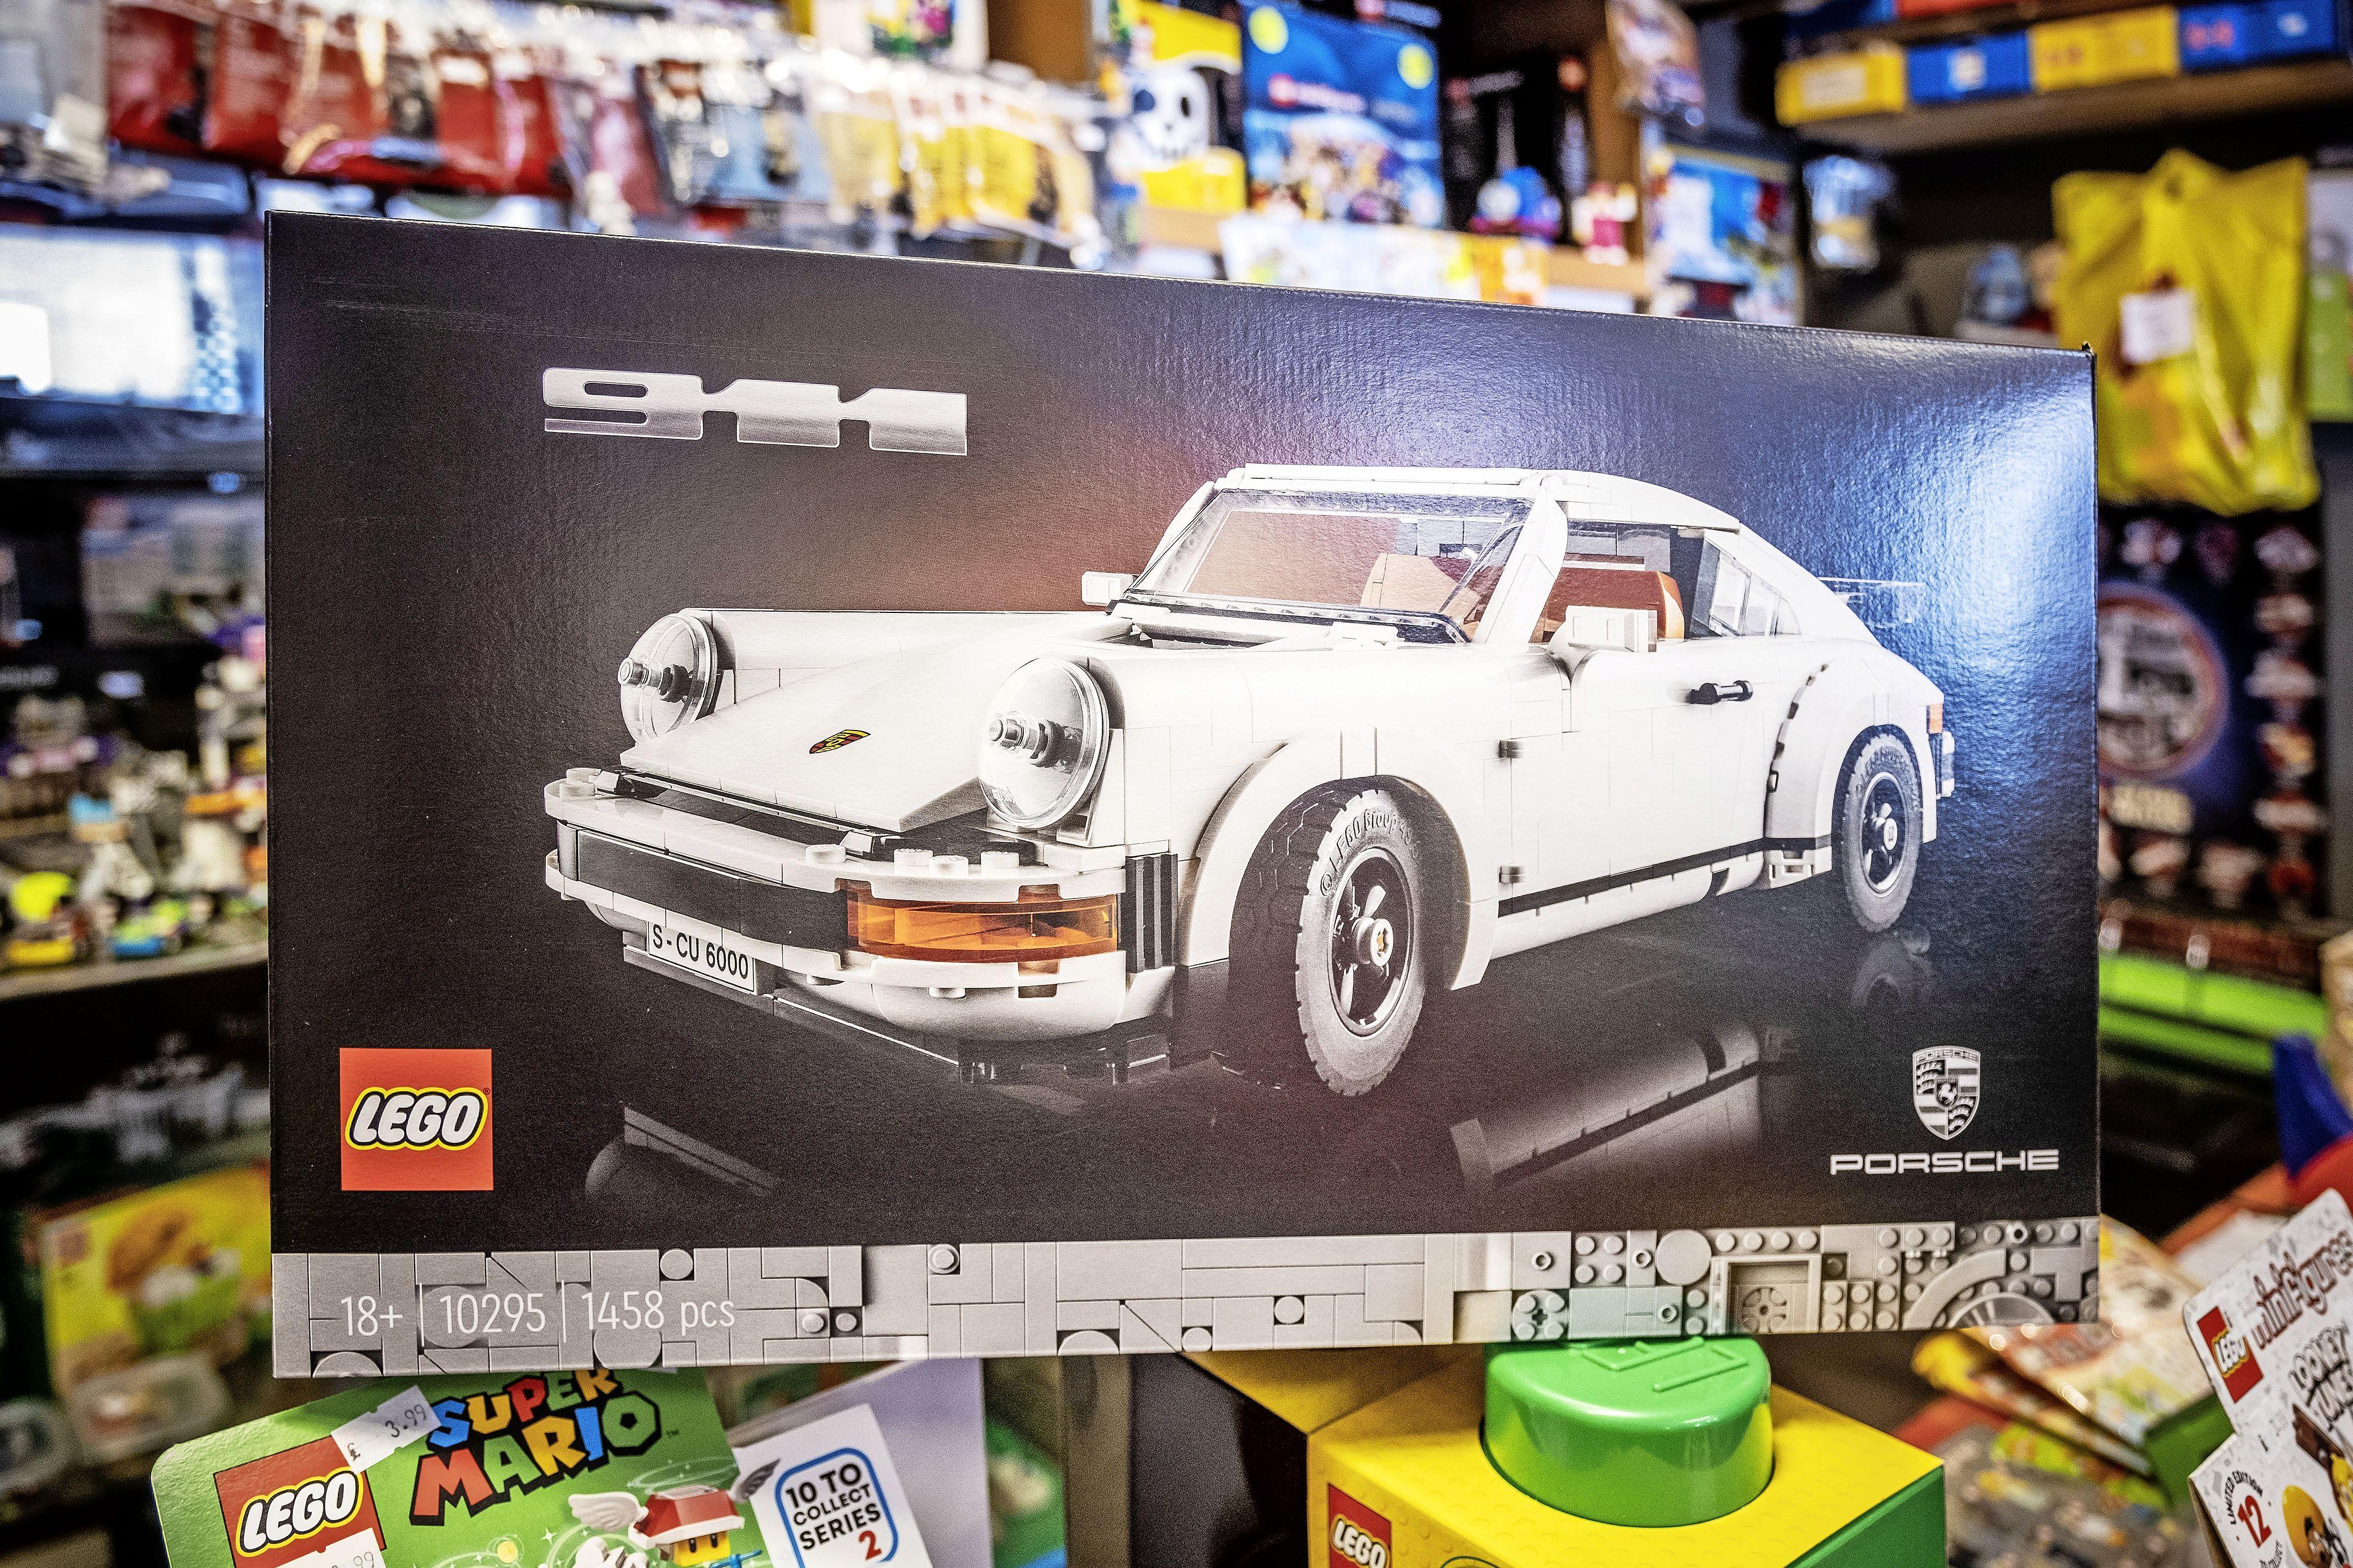 Lego is het nieuwe goud. 'De 18+ bouwdozen worden voor de dubbele prijs op internet doorverkocht'. En dus probeert een Legodief nu winkels te plunderen